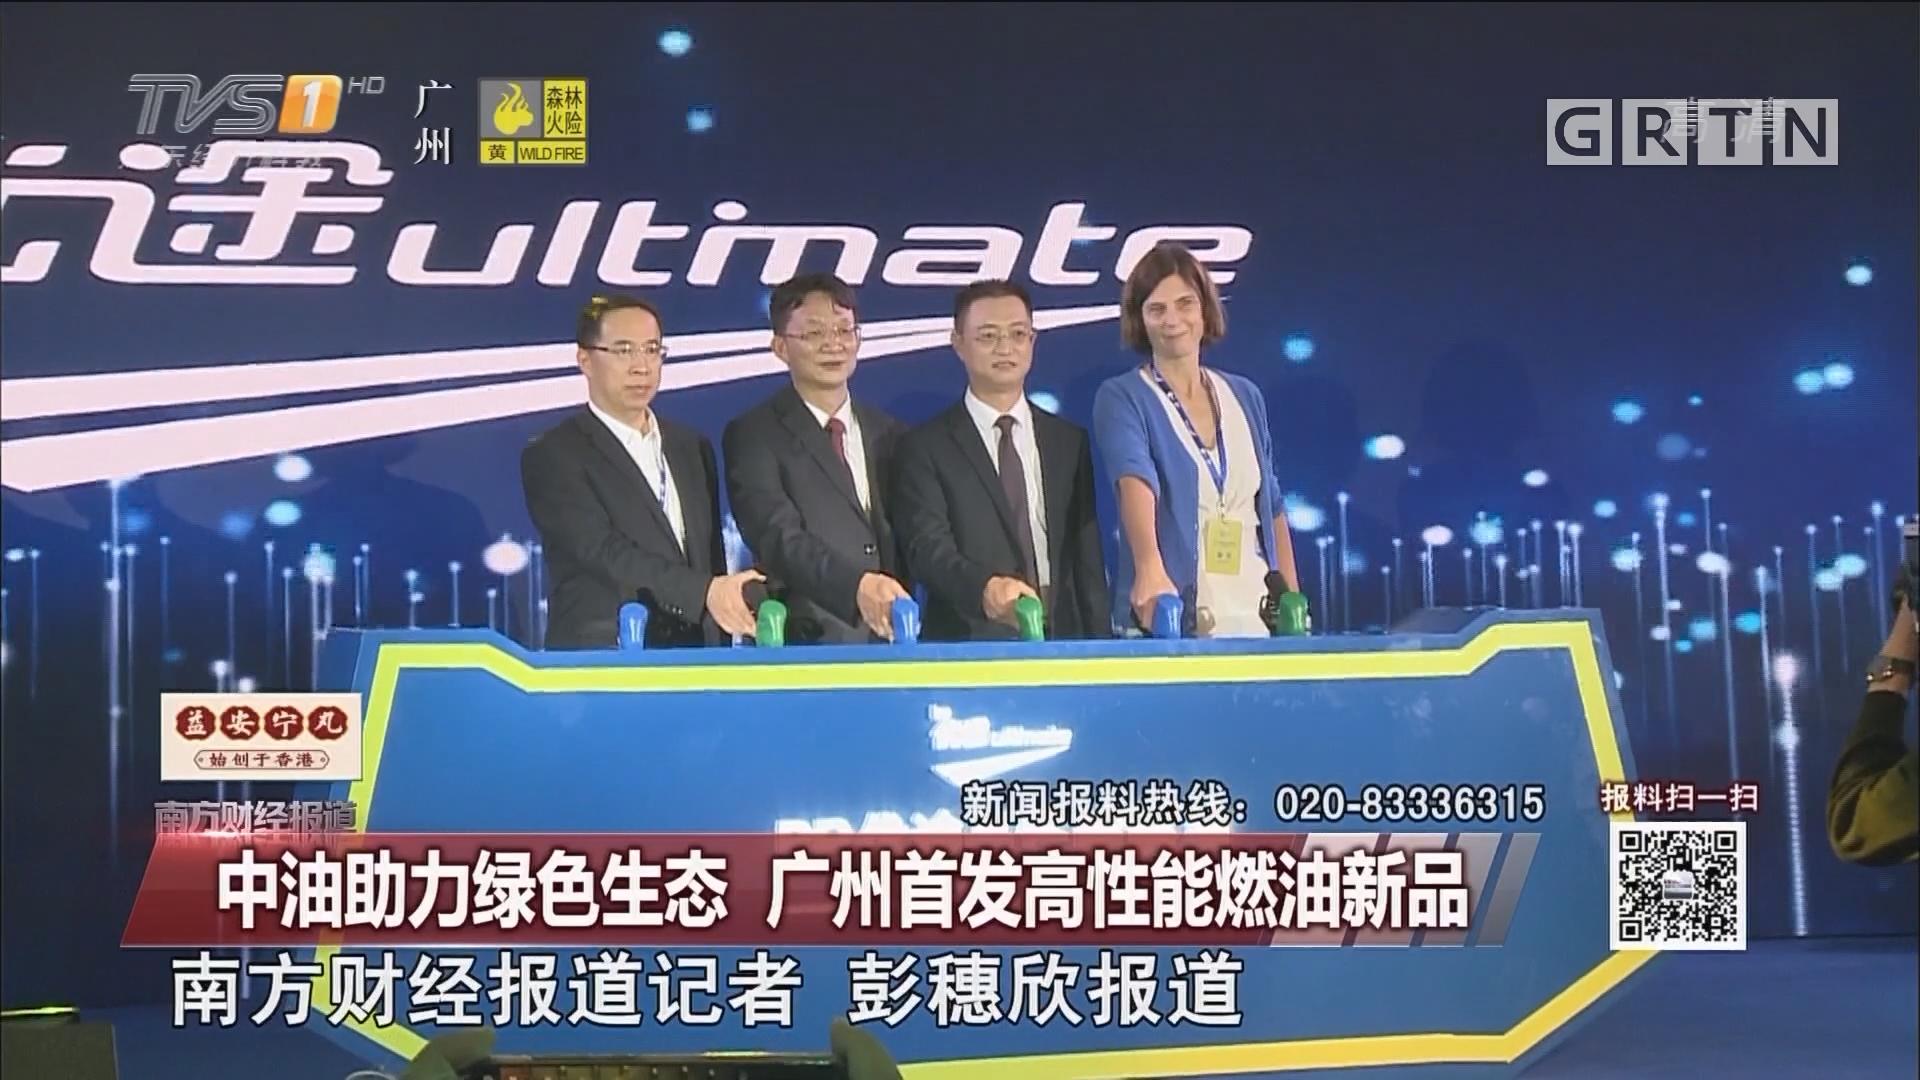 中油助力绿色生态 广州首发高性能燃油新品